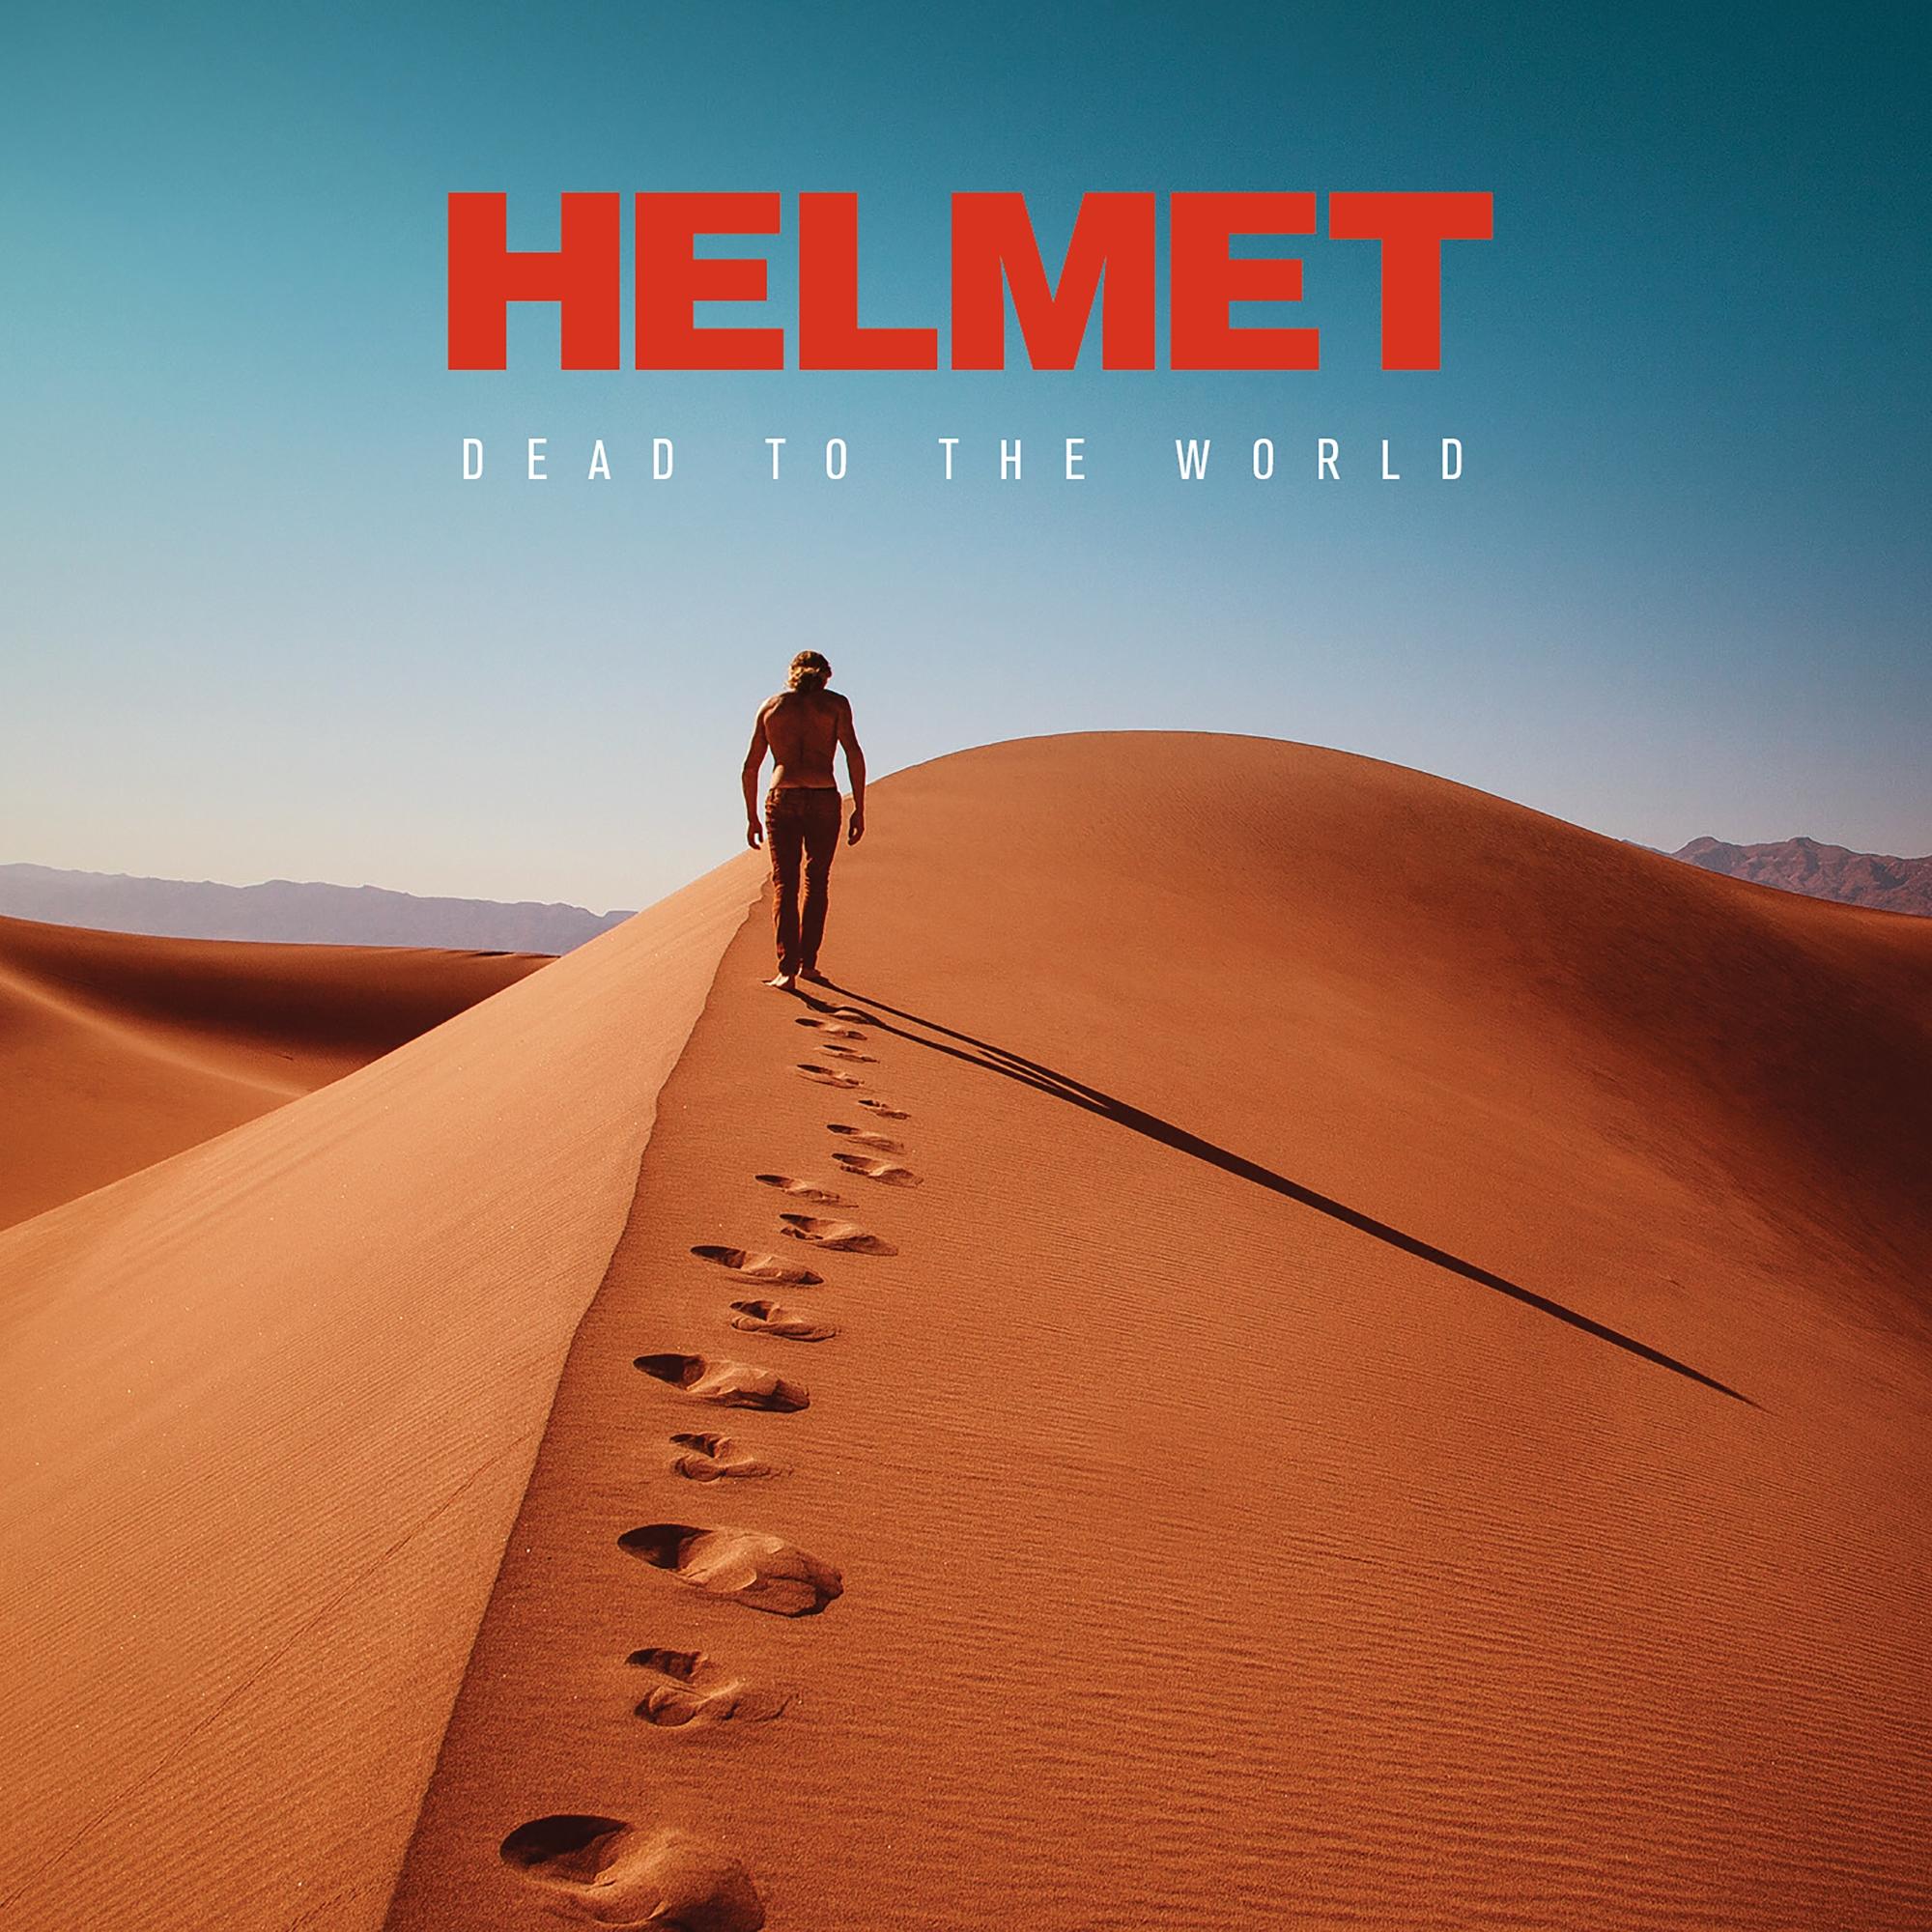 helmet-dead-to-the-world-will-not-fade.jpg